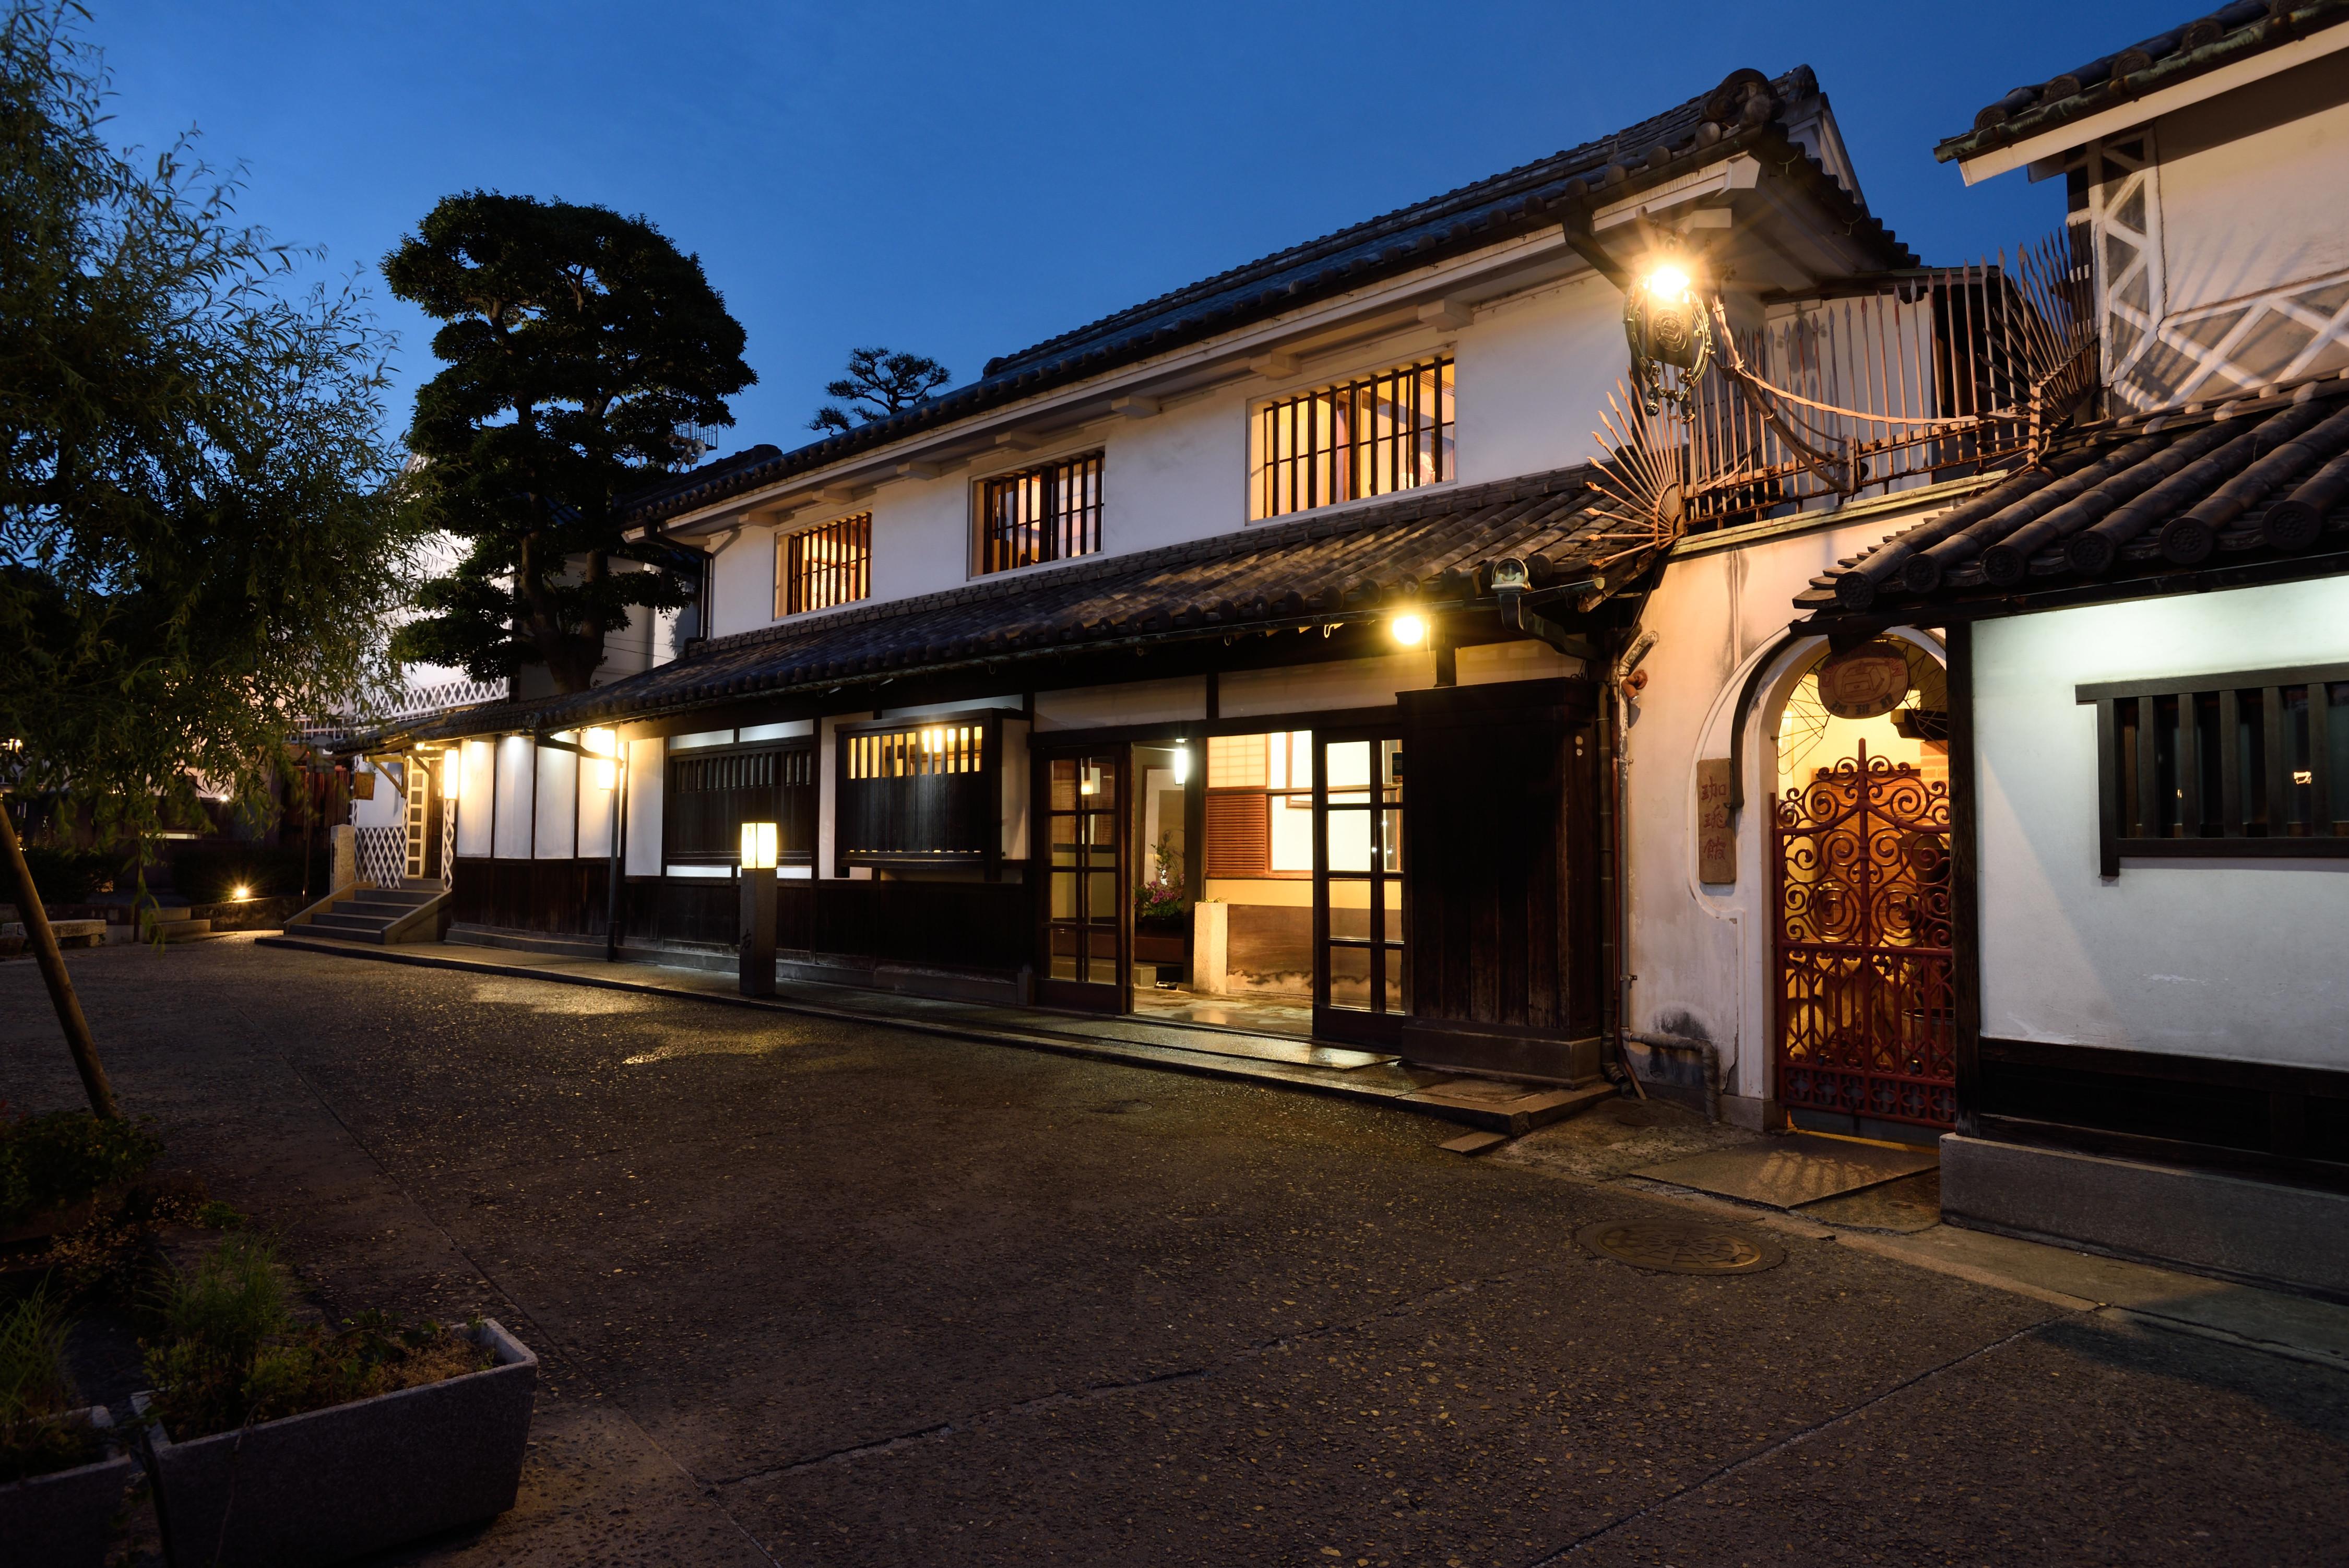 Das Ryokan Kurashiki ist ein traditionelles japanisches Gästehaus